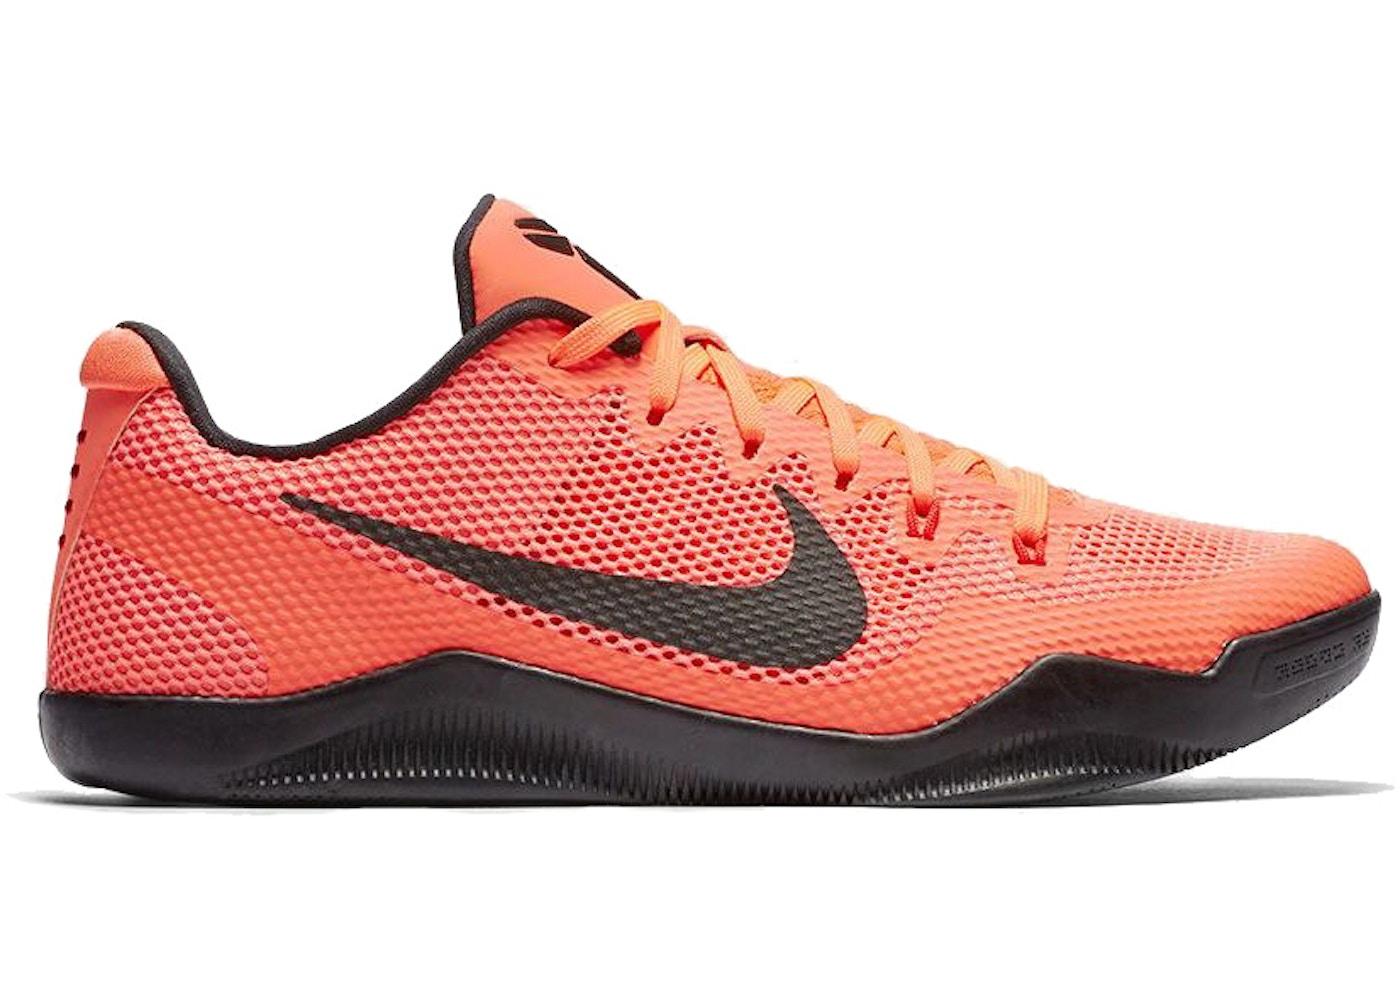 newest 1f967 49a94 Buy Nike Kobe Shoes   Deadstock Sneakers